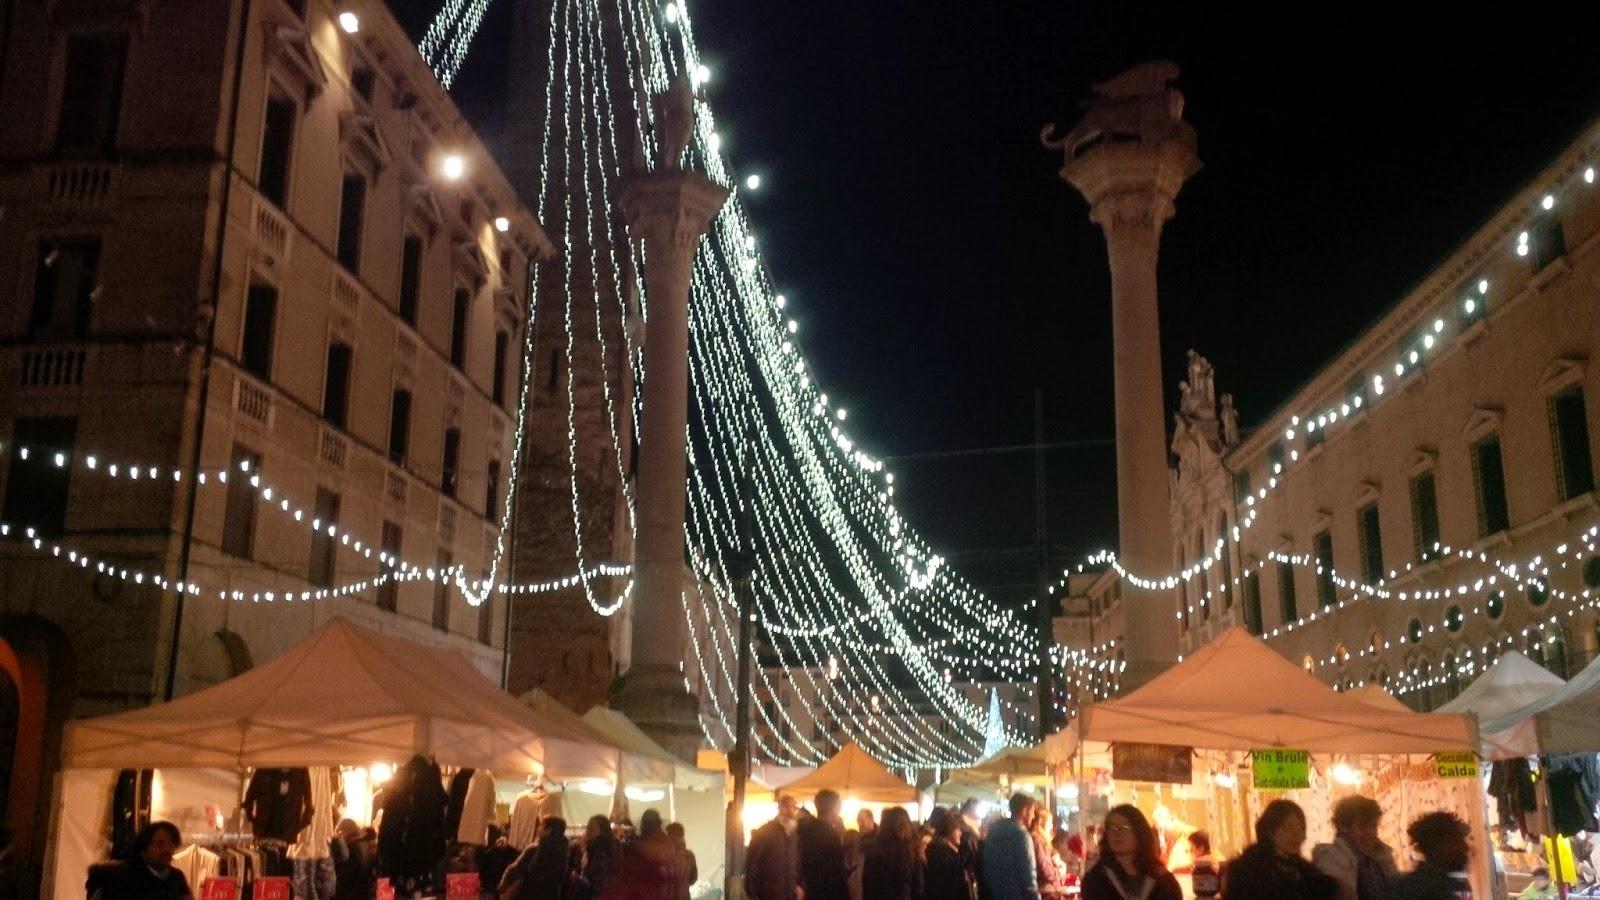 The Christmas market at Piazza dei Signori in Vicenza